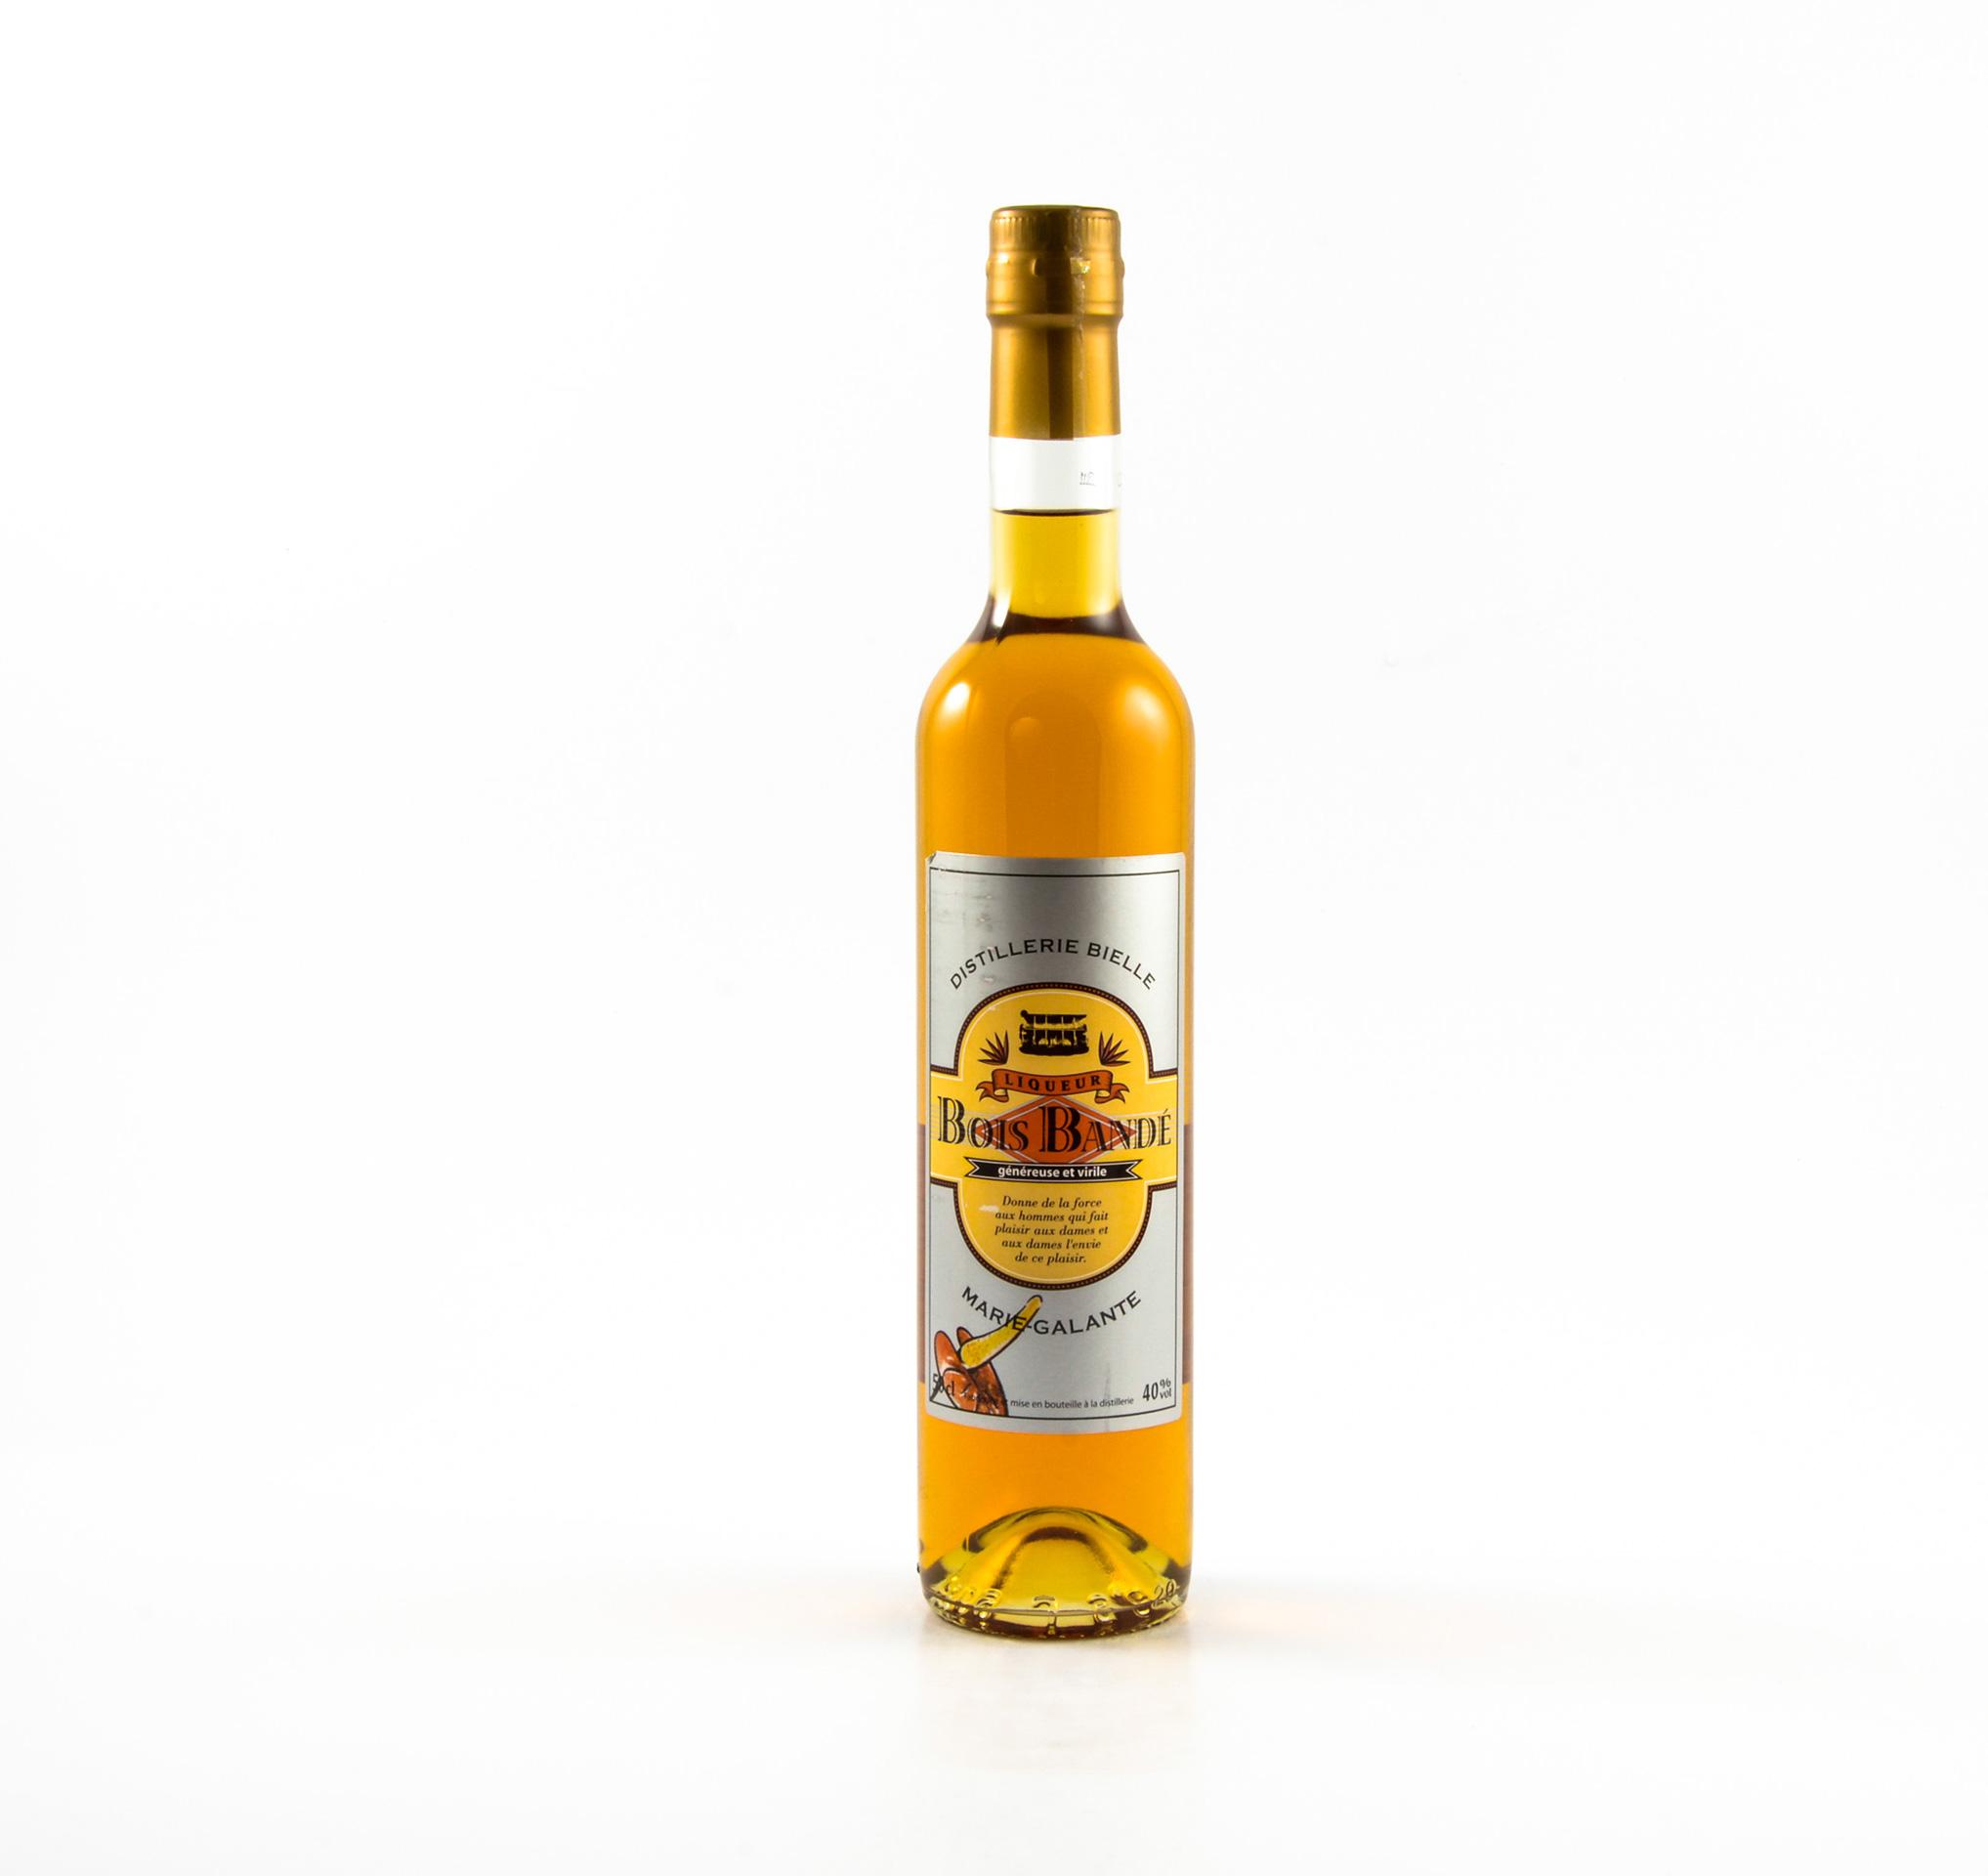 Bois Bandé Naturel - Liqueurs bois bandé Distillerie Bielle Maison Lemaitre